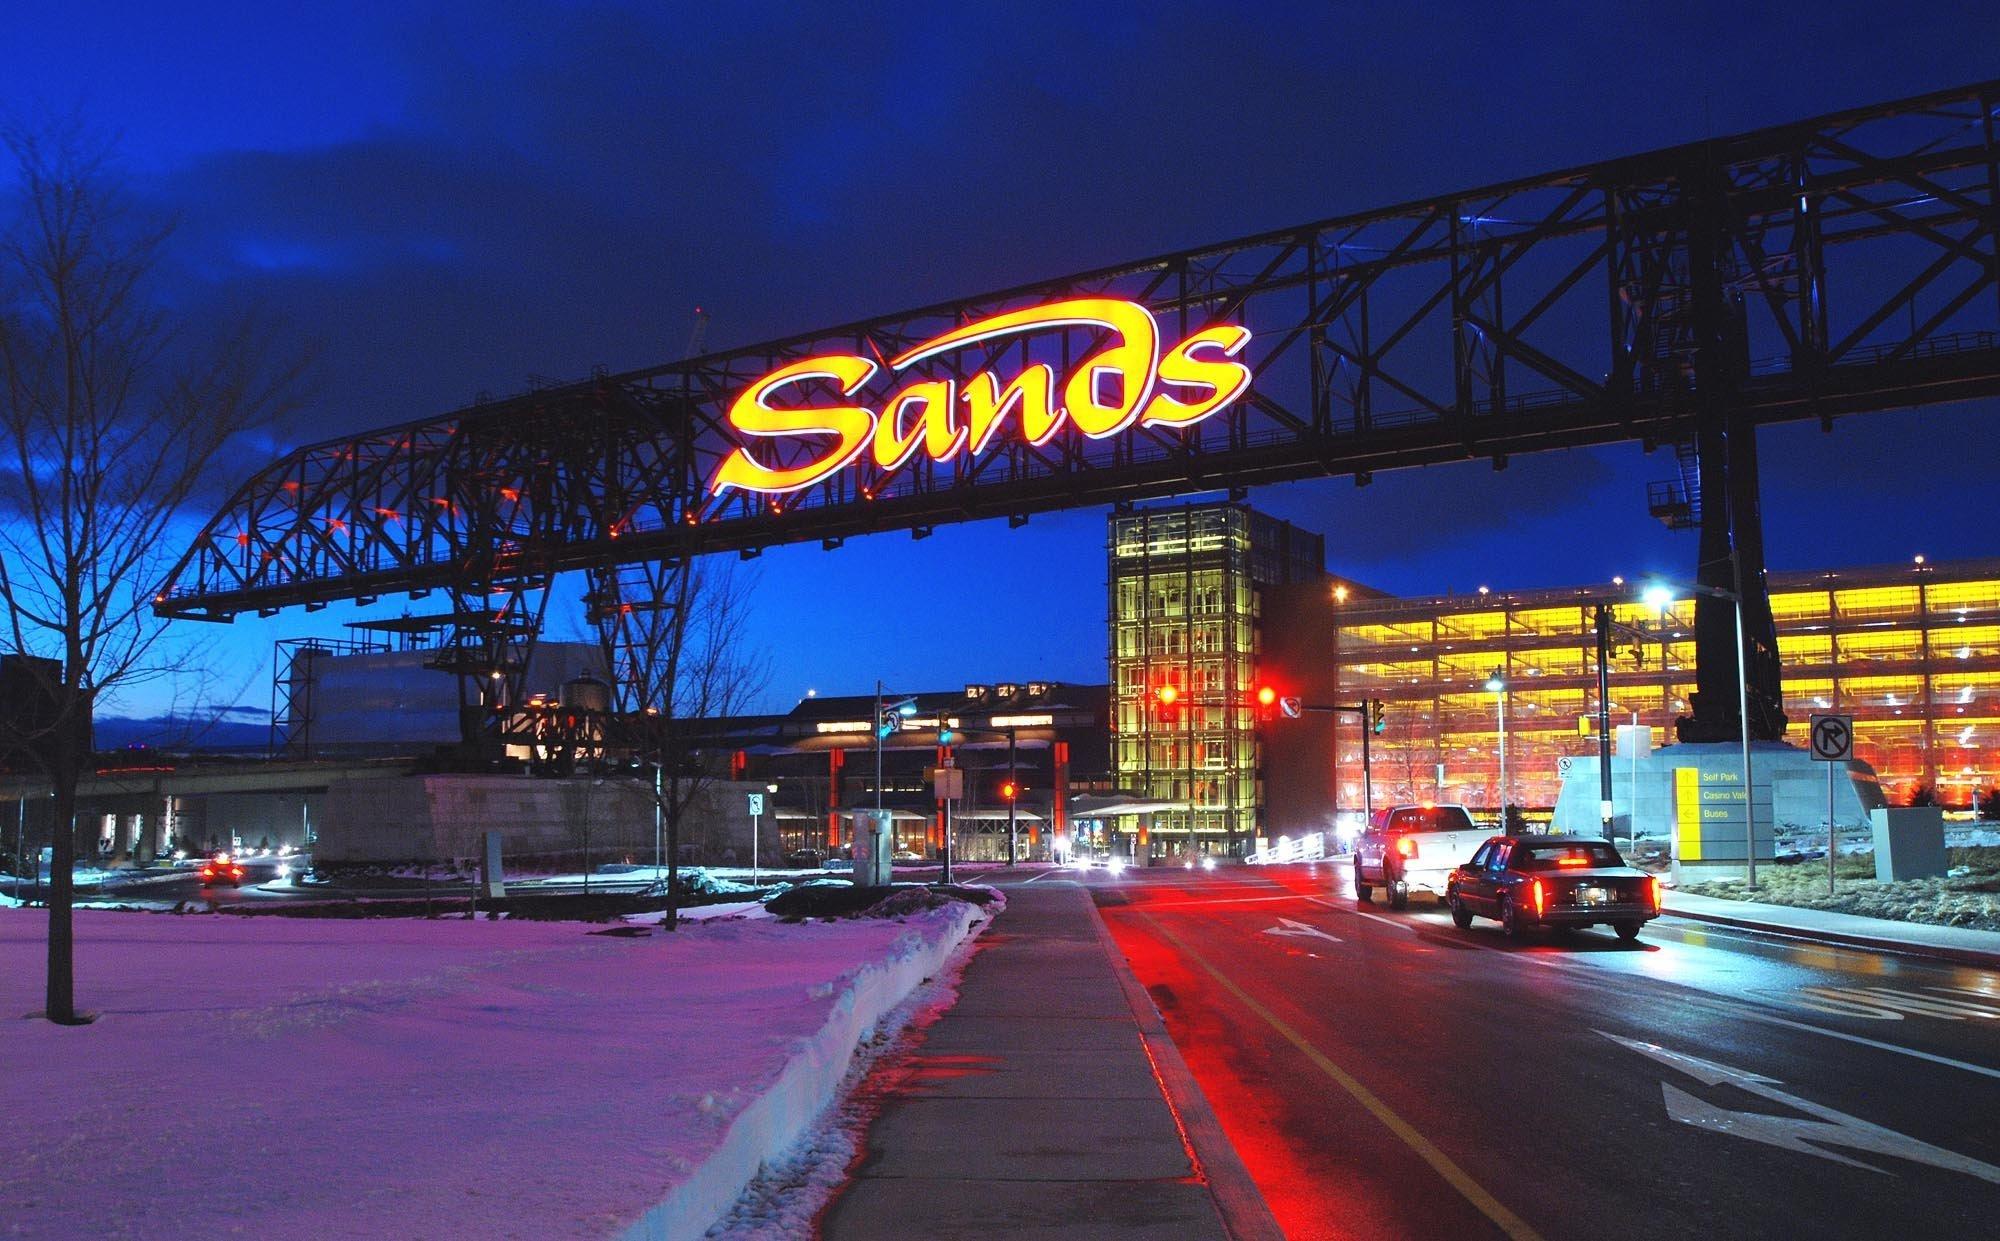 sands-casino-resort-238be6290c2b2079